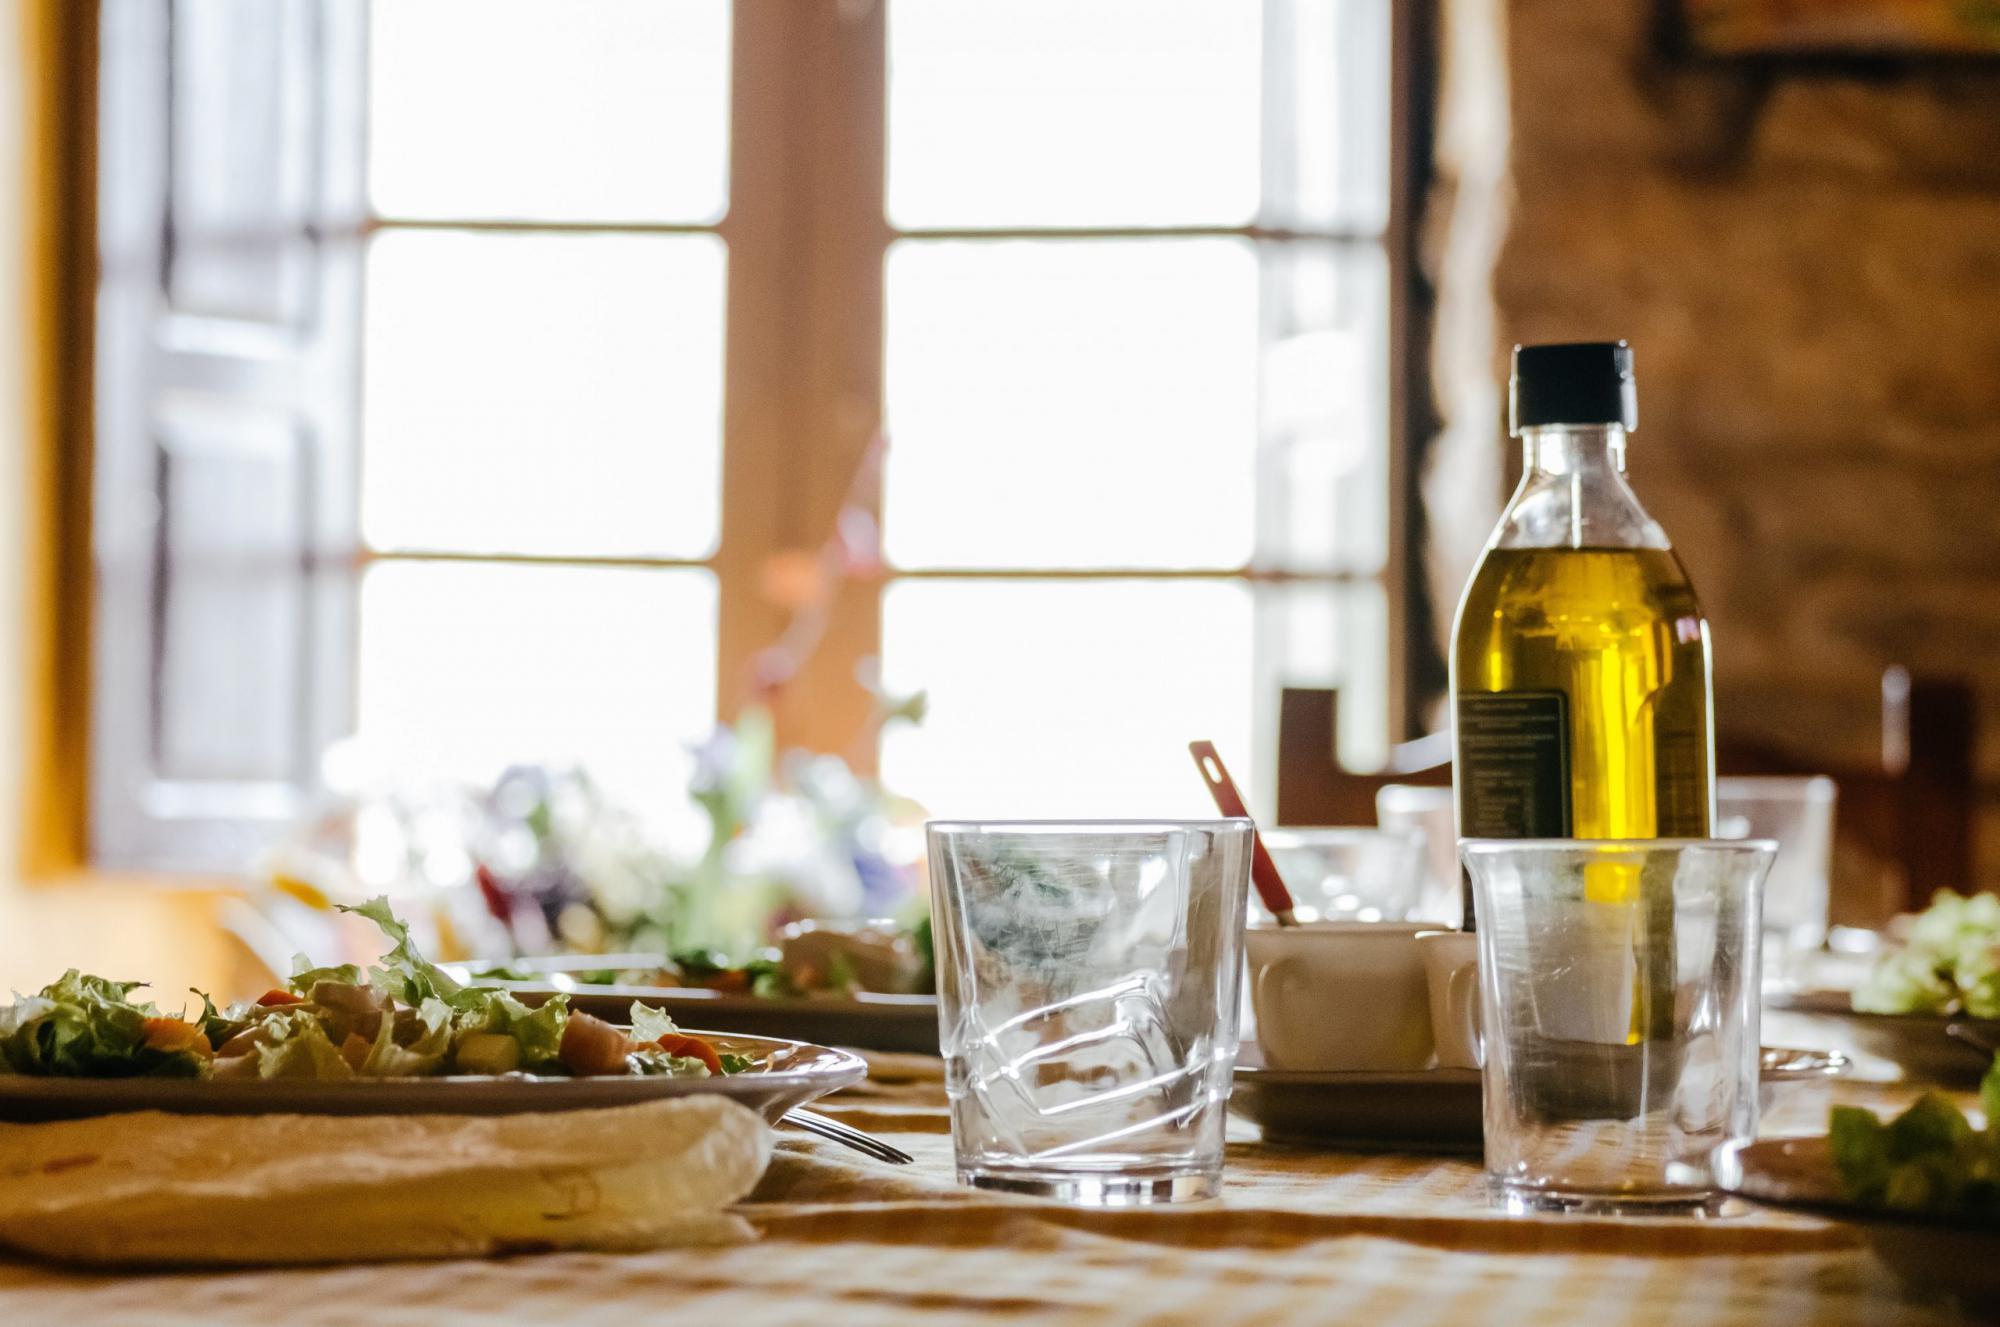 オリーブオイルと2つ並んだグラス